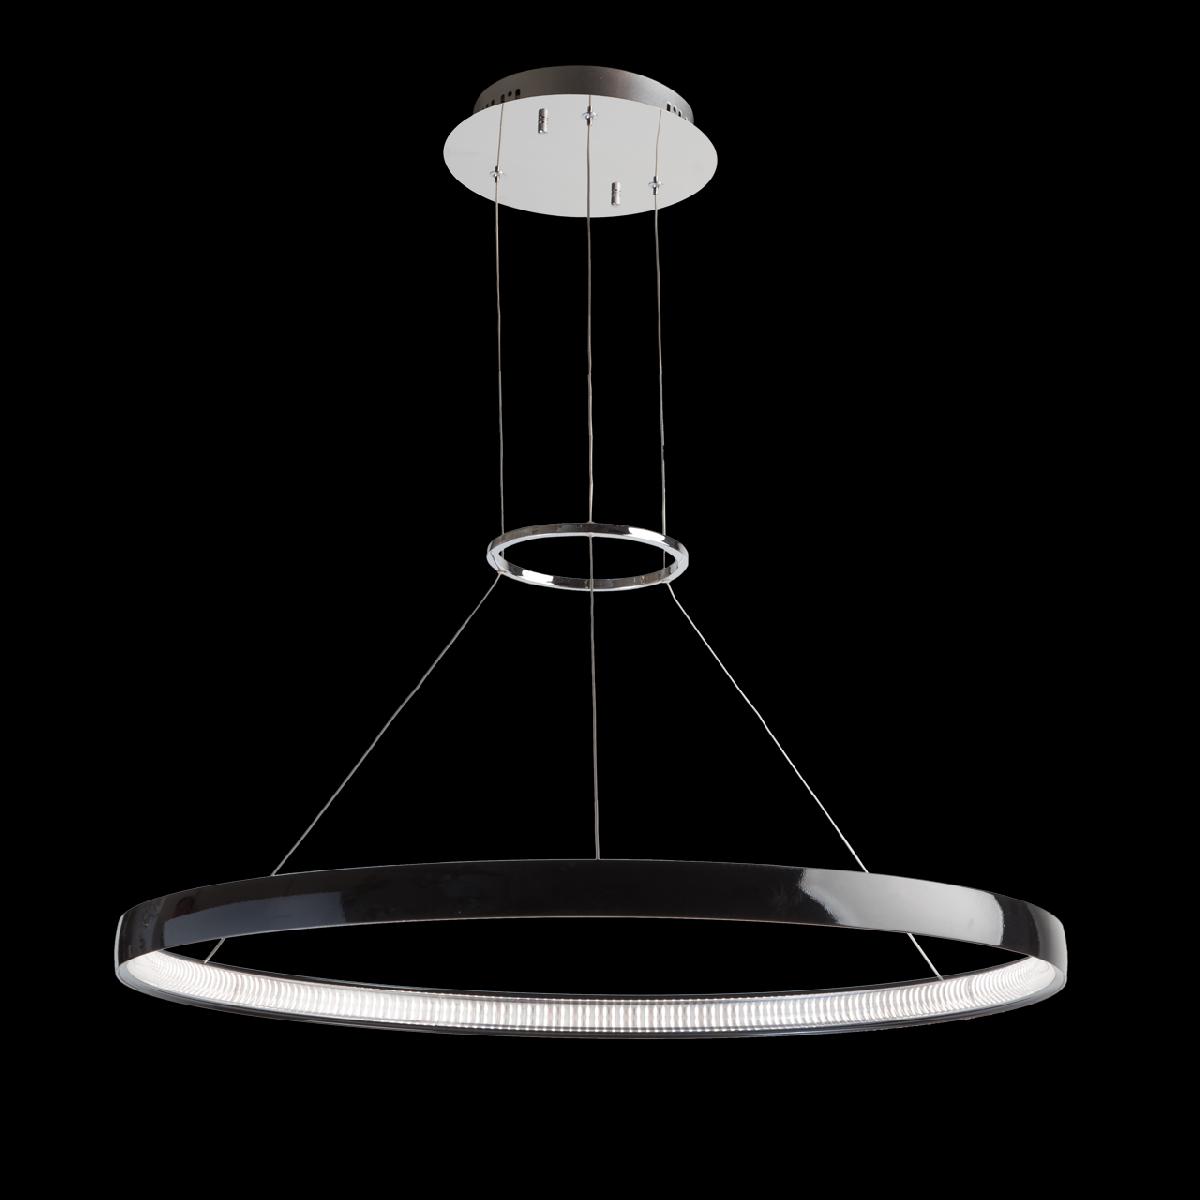 Лампы накаливания люминесцентные энергосберегающие